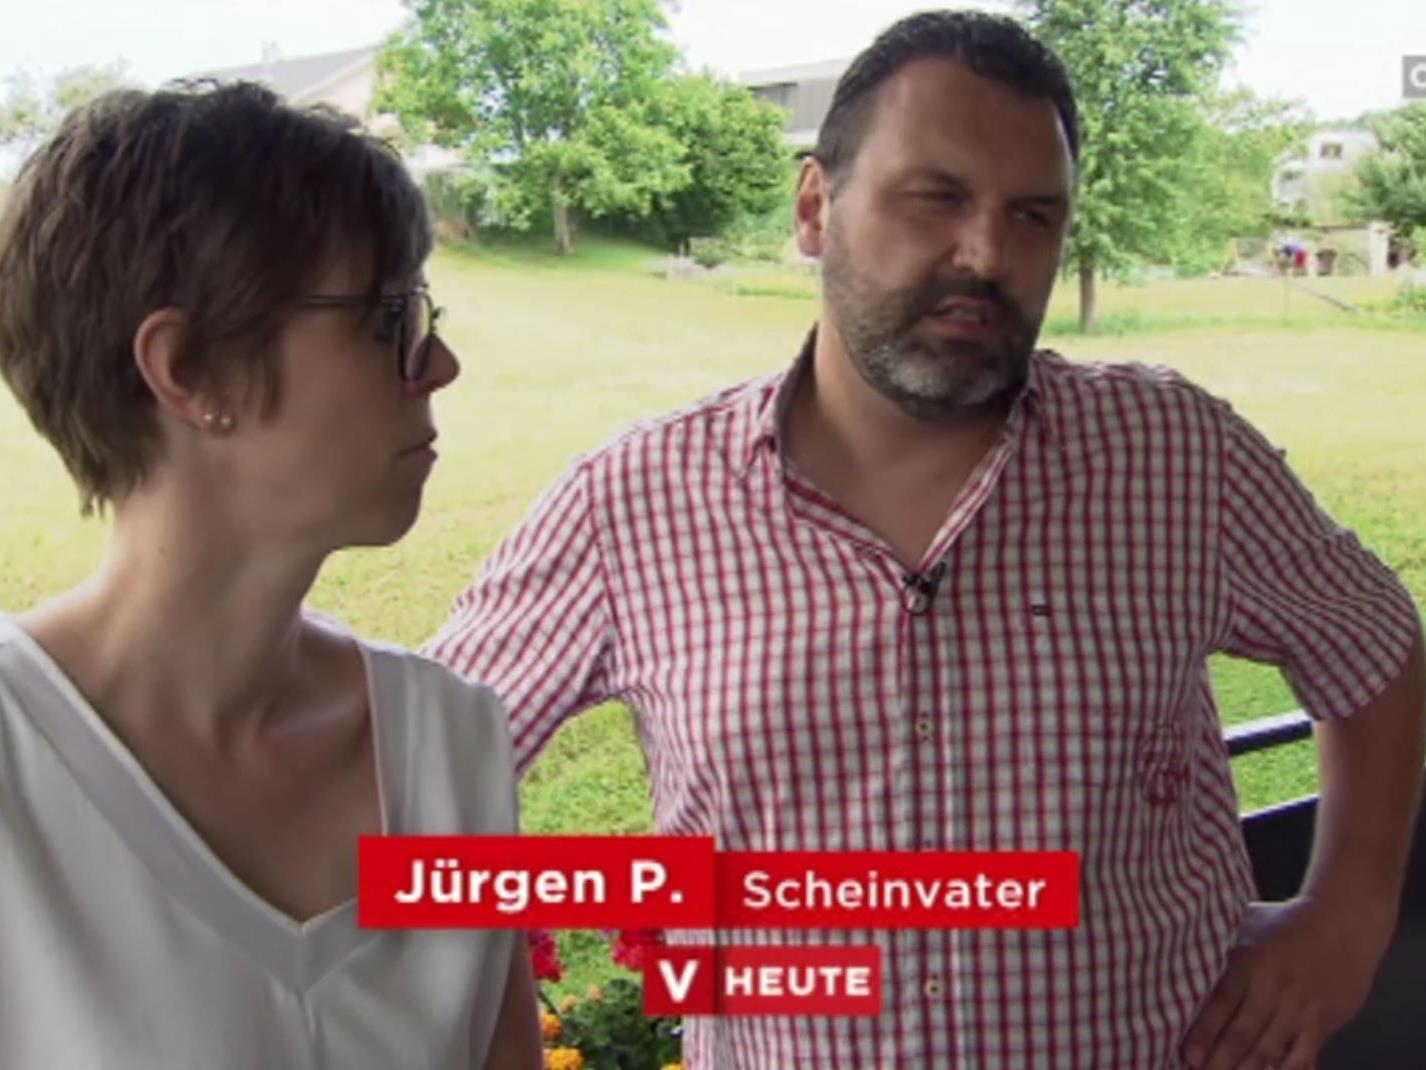 Jürgen P. ist einer der Scheinväter eines Kuckuckkinds.